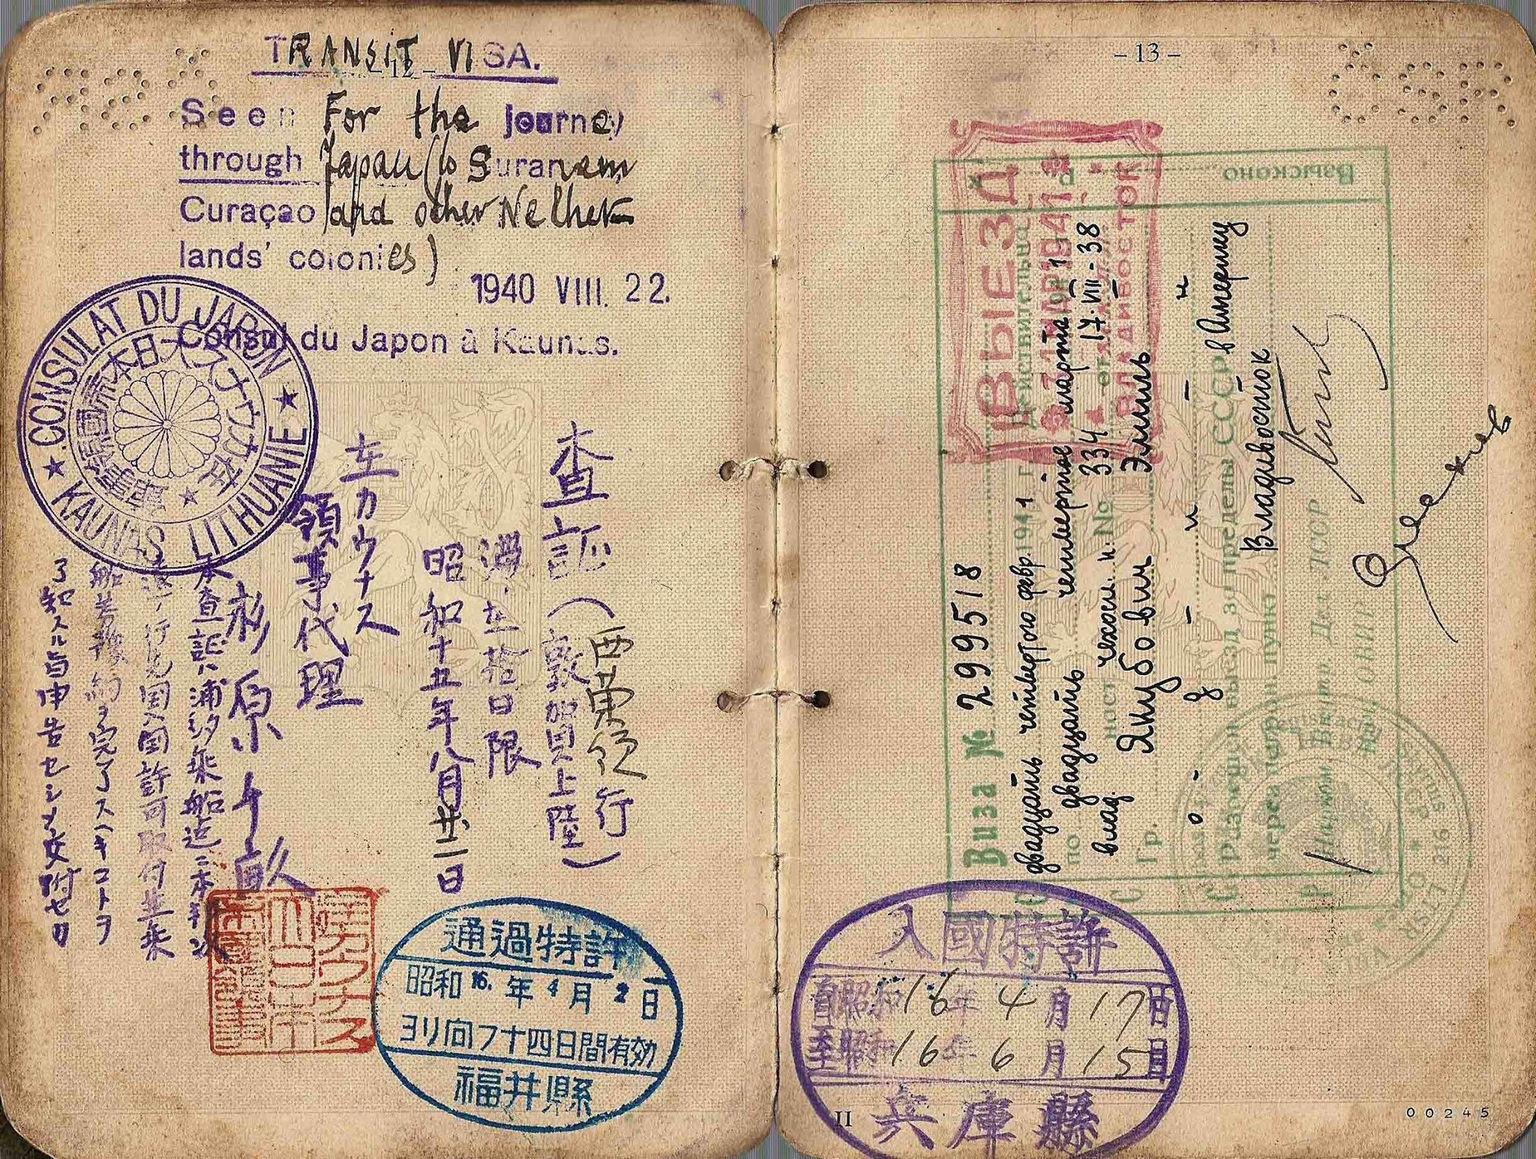 Документ чехословацкого гражданина Эмиля Якубовича с проставленным разрешением на въезд в Суринам, Кюрасао и другие колонии Нидерландов, транзитной визой Японии и выездной визой СССР («Википедия»)